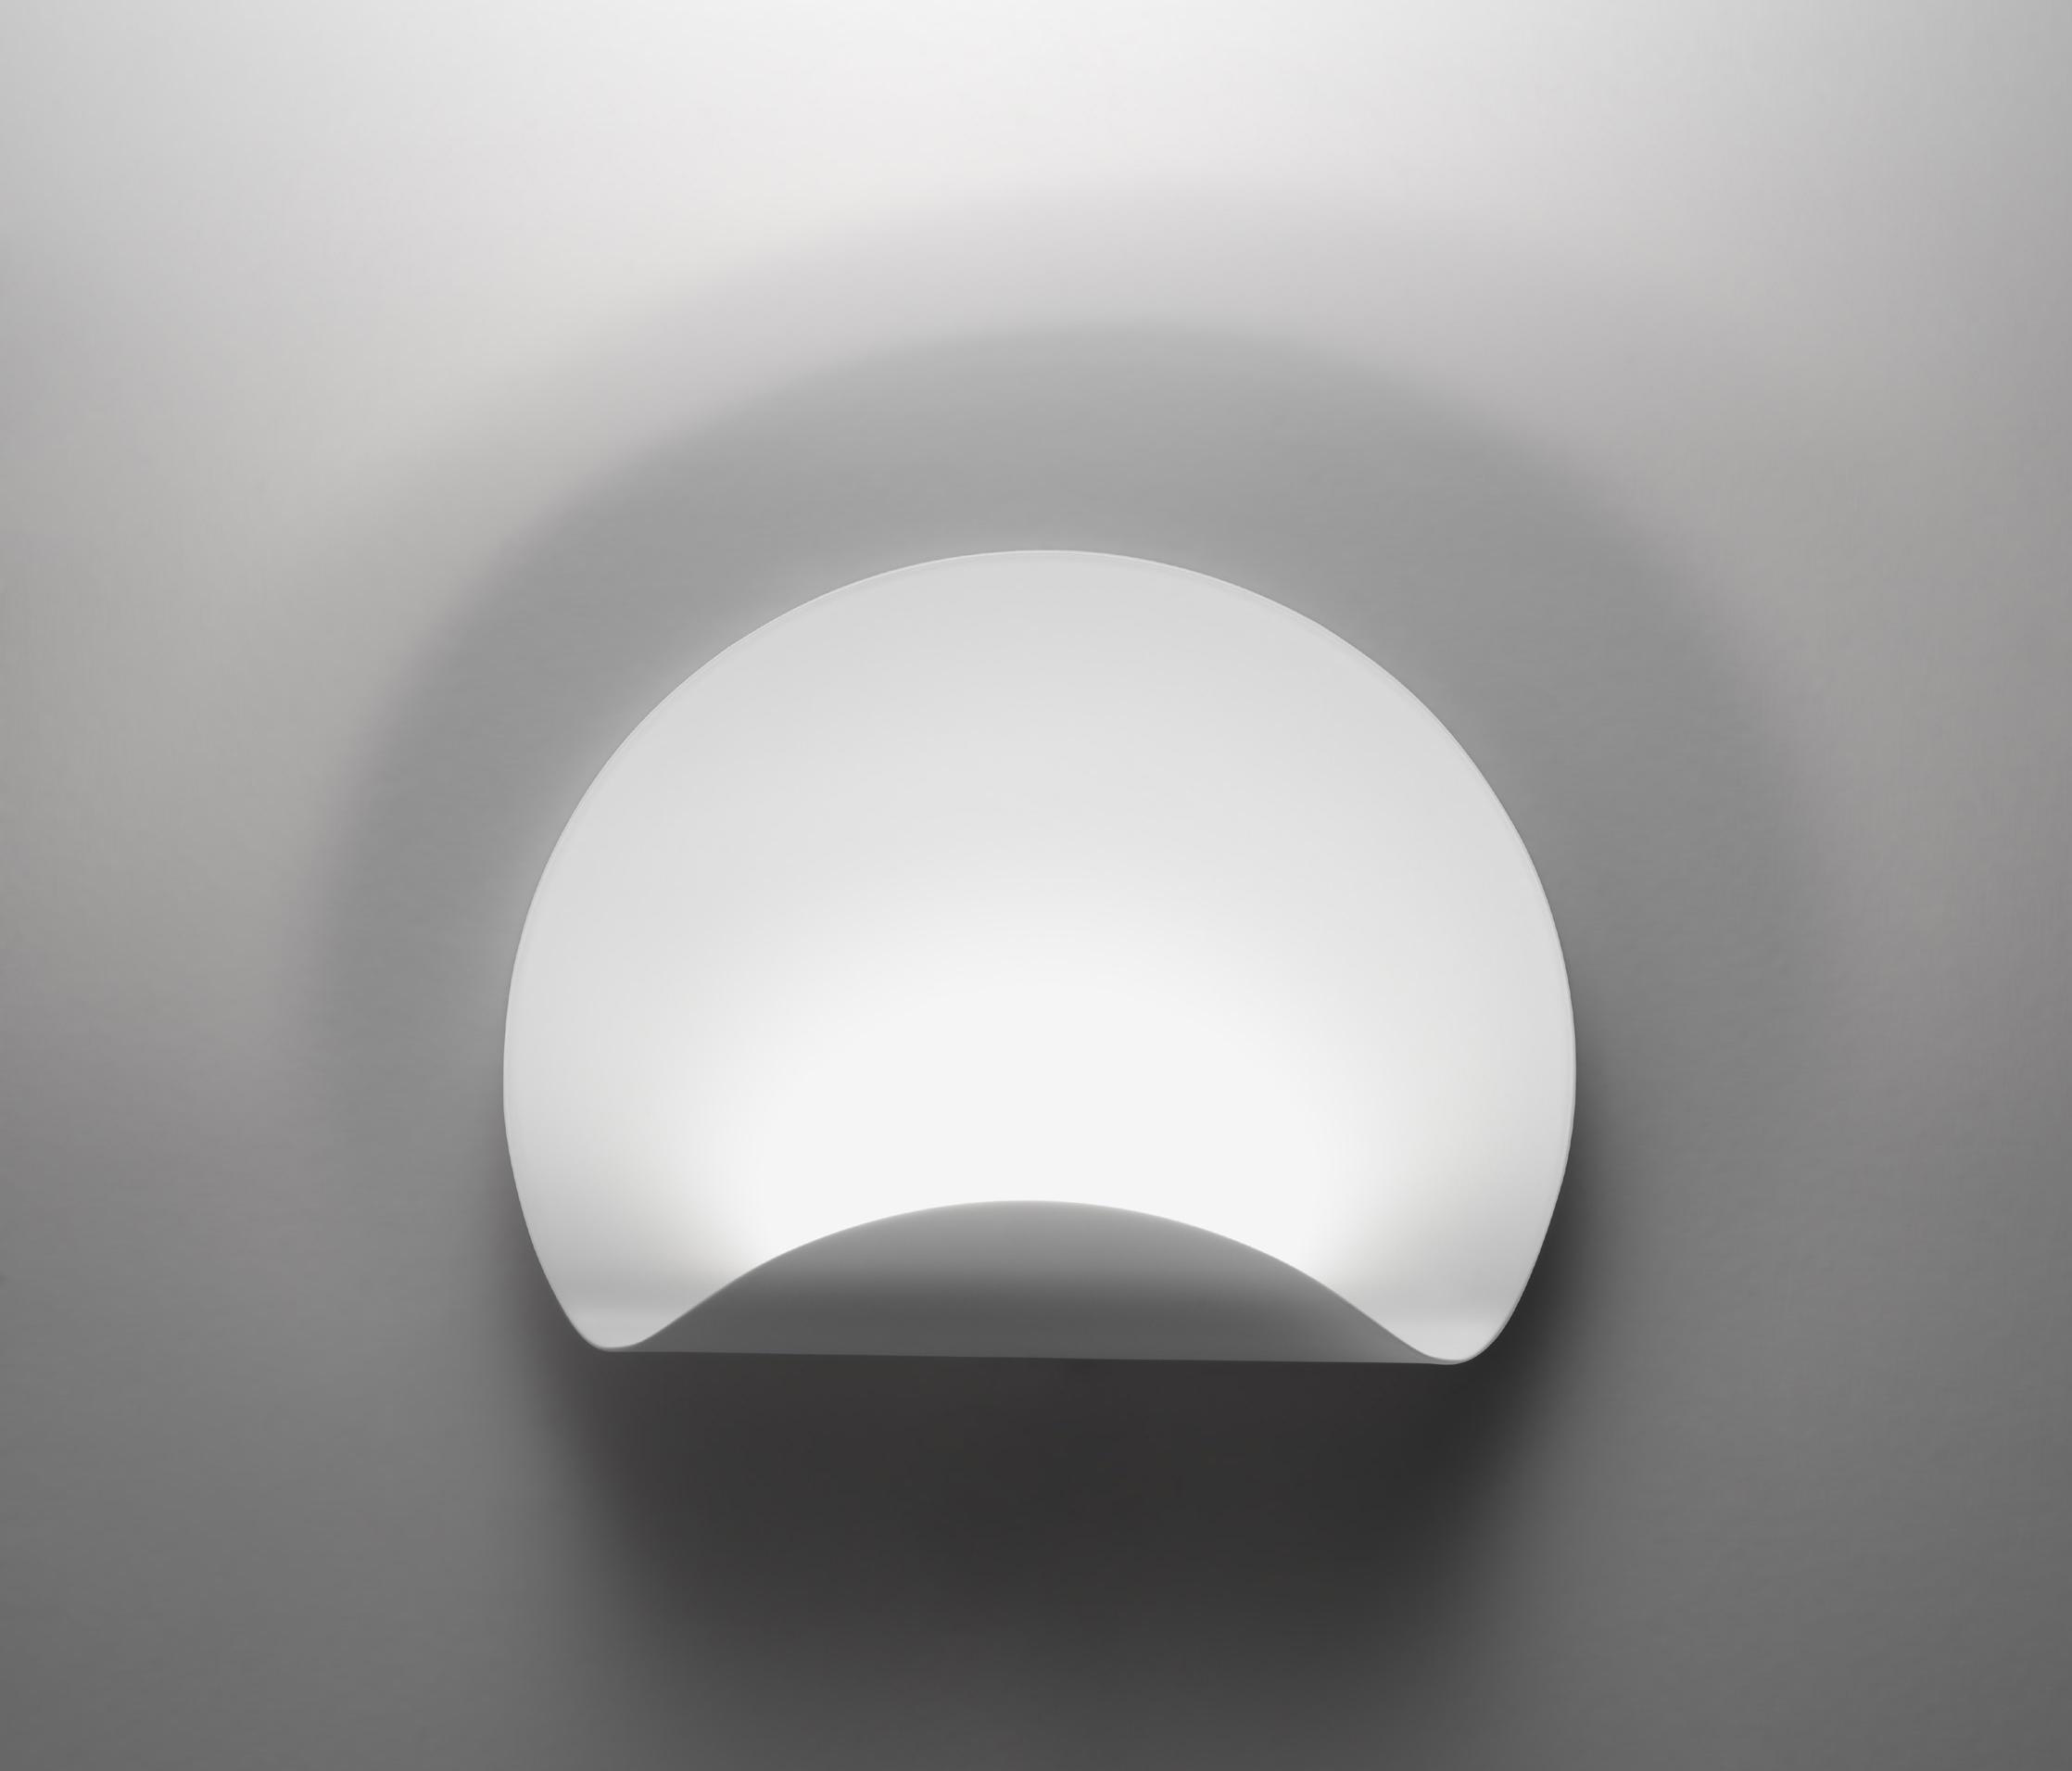 Dinarco parete illuminazione generale artemide architonic for Lampade designer